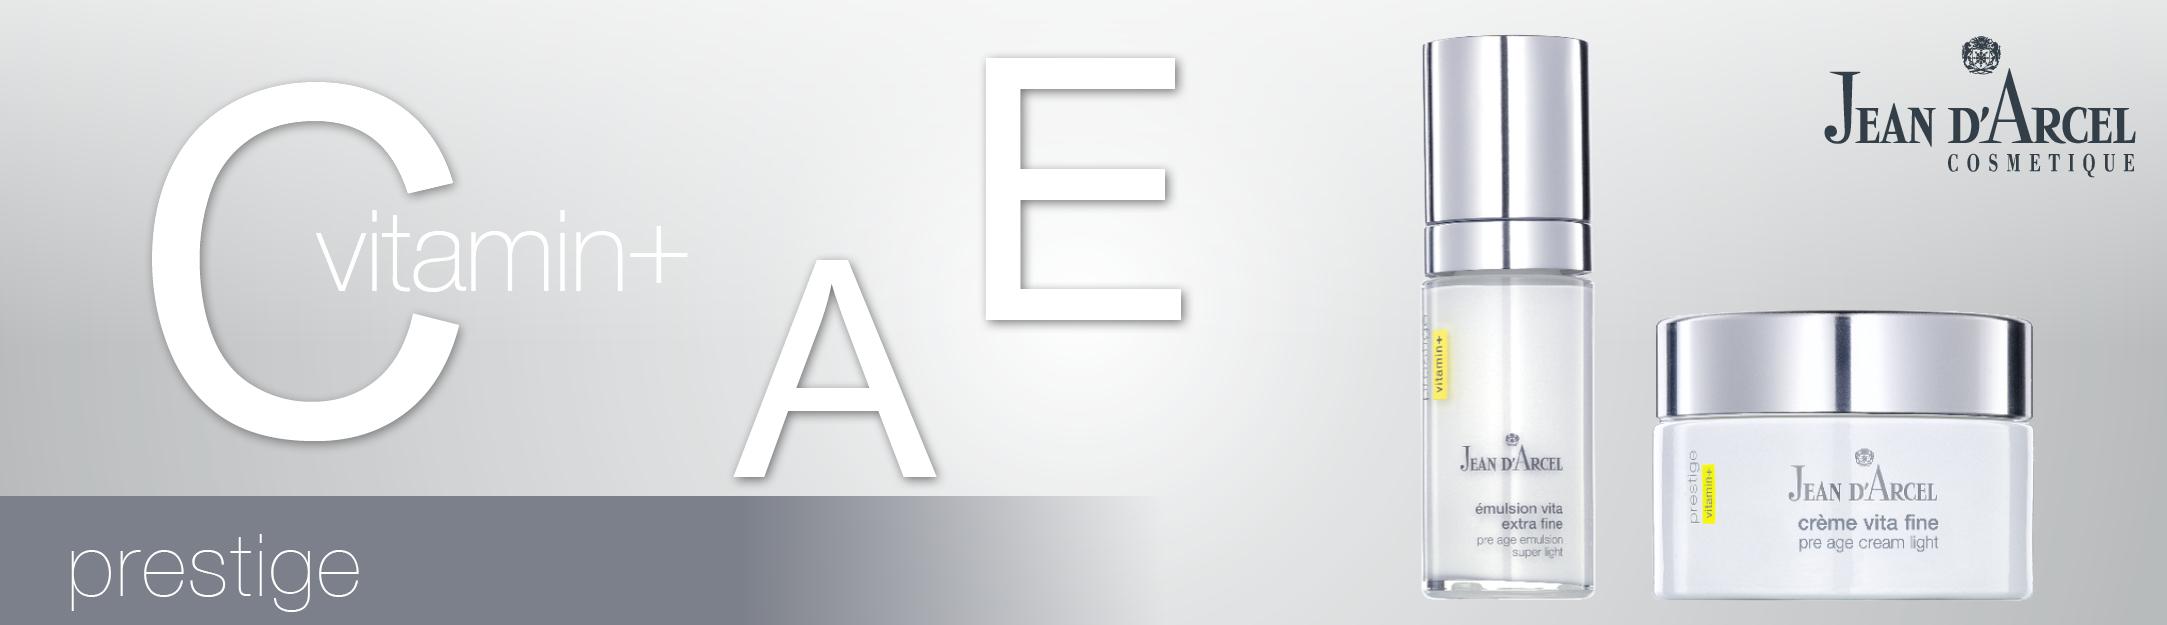 Омолаживающий лифтинг крем для области вокруг глаз Pre Age Eye Crème vita yeux JEAN D'ARCEL,30мл